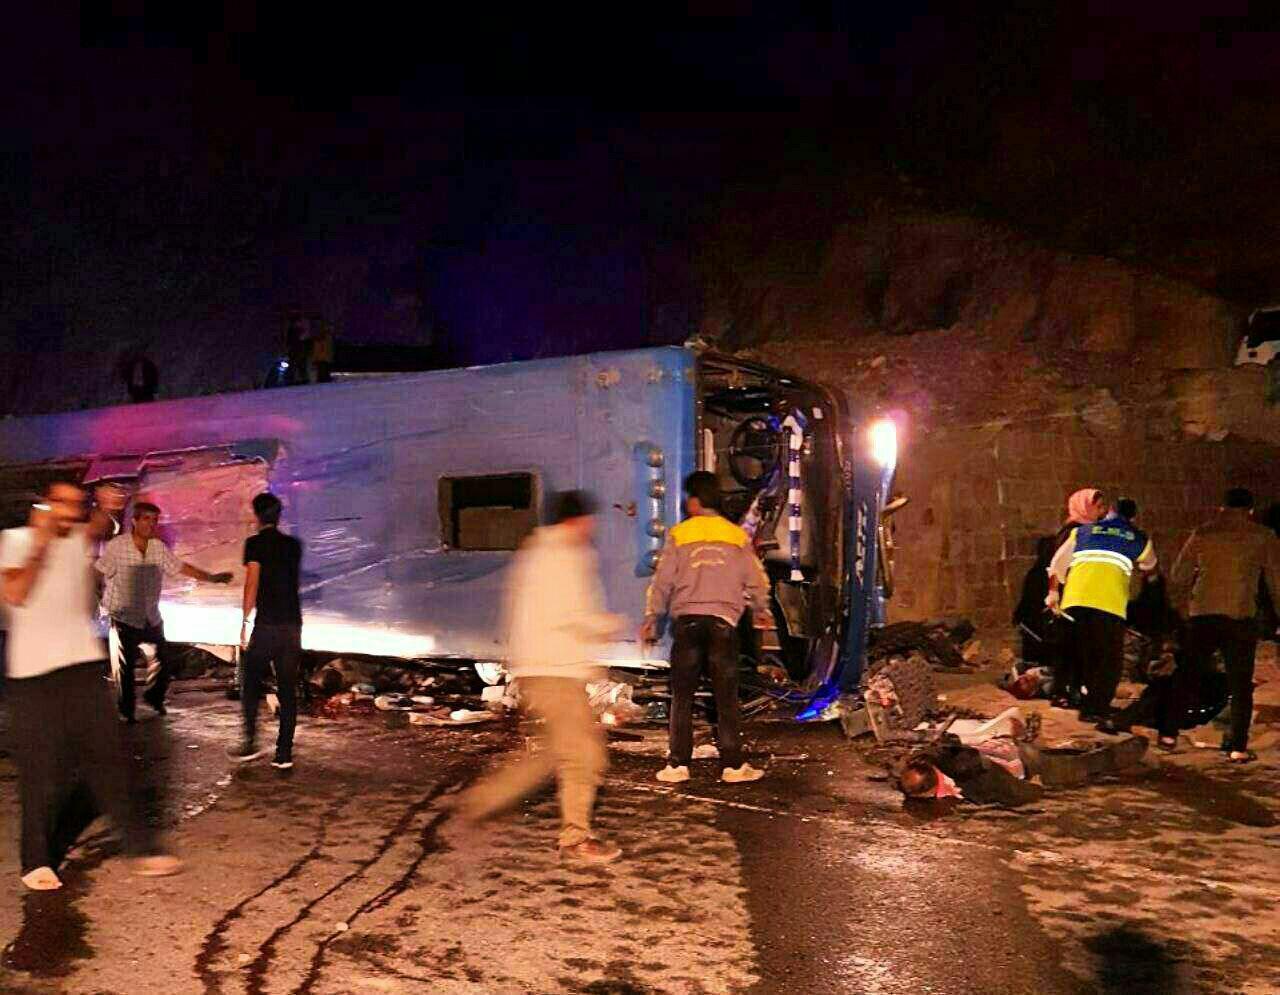 واژگونی مرگبار اتوبوس در جاده سوادکوه (+عکس) / 13 کشته و 19 زخمی (+اسامی مجروحان)